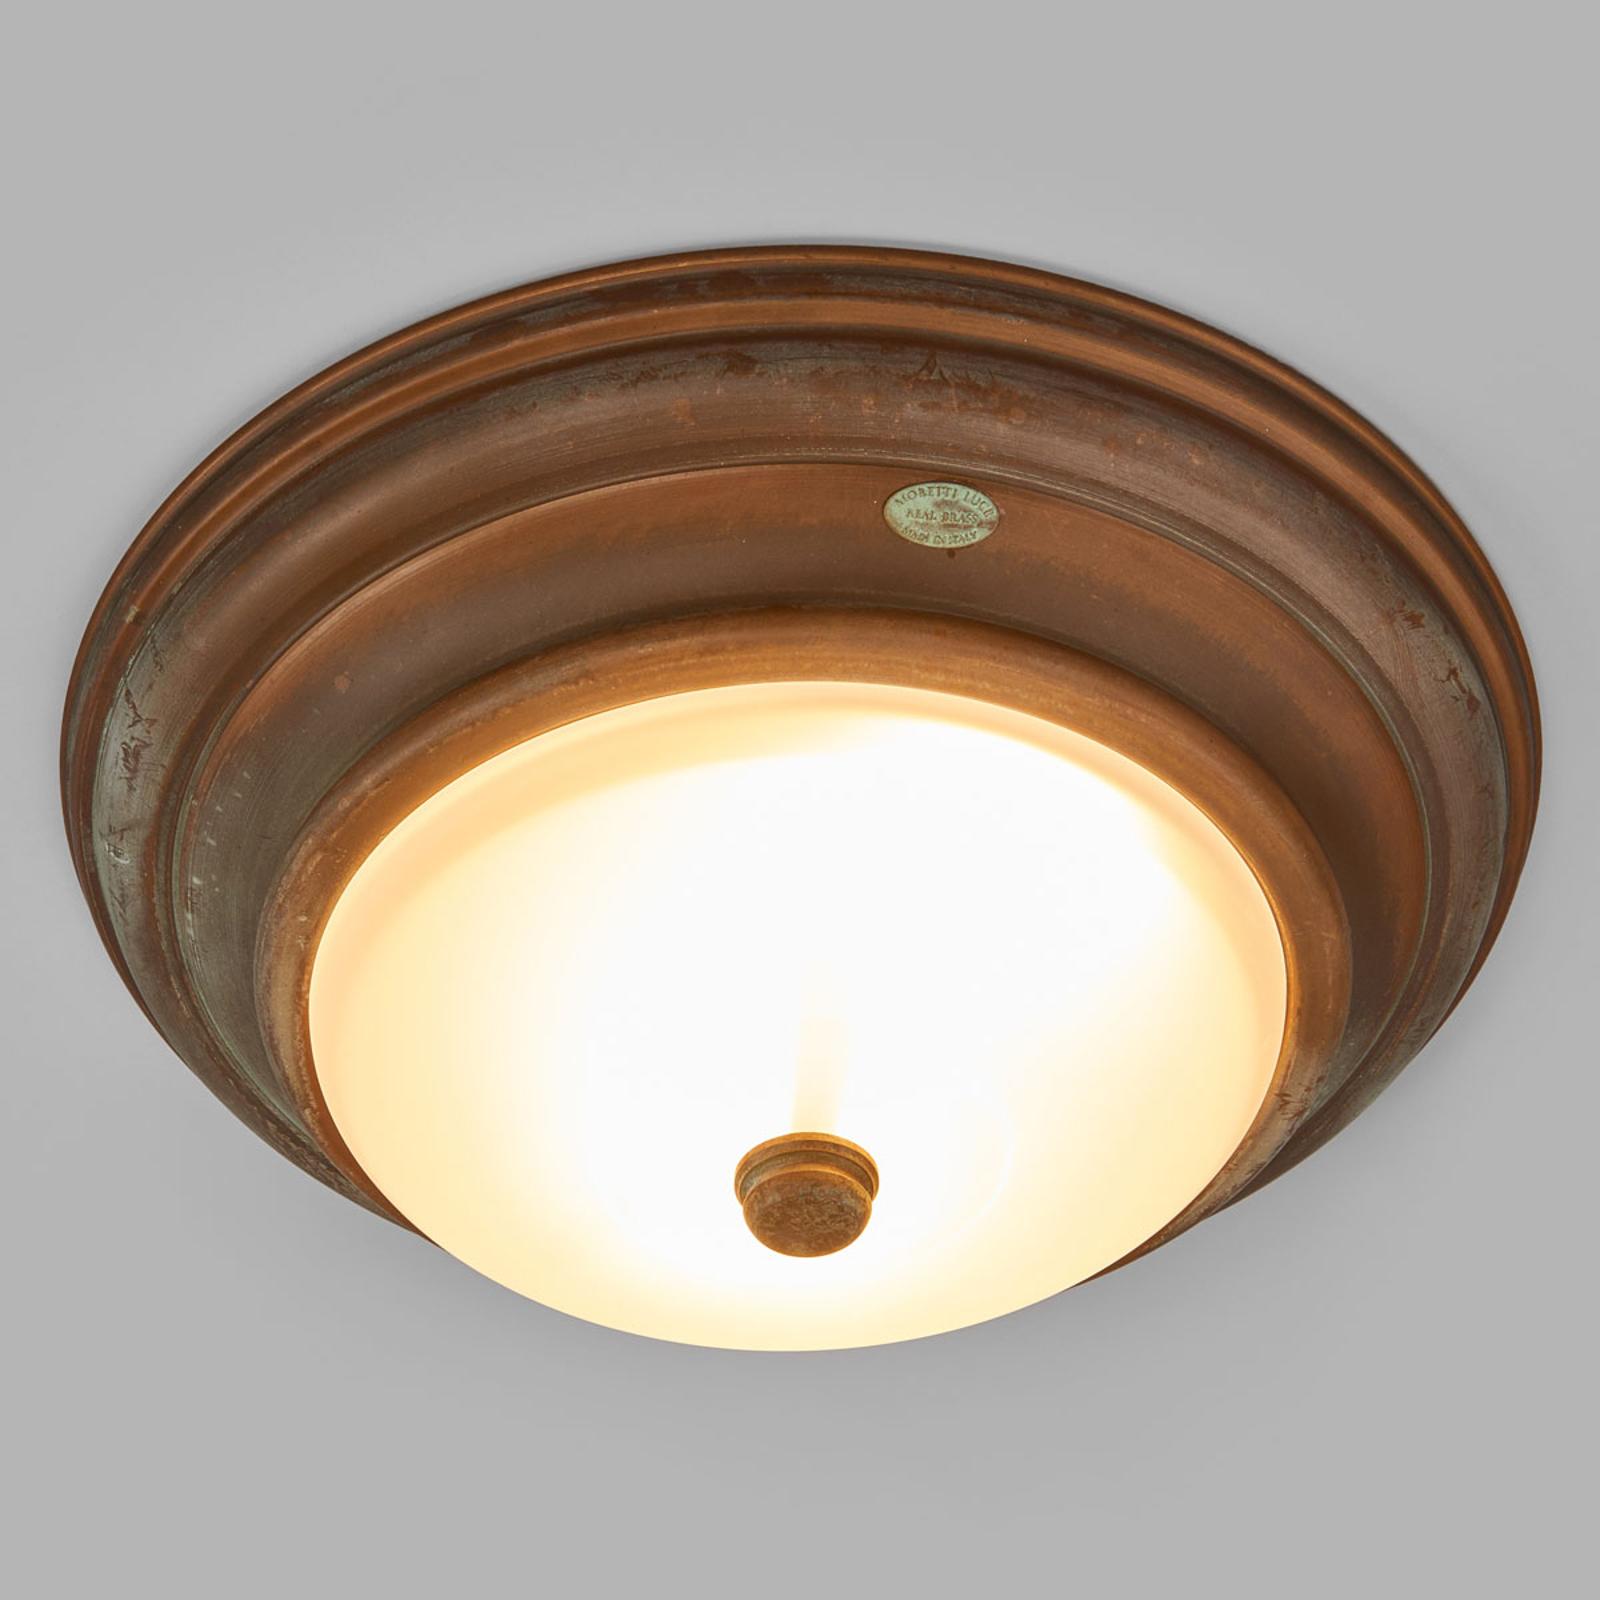 Lampada da soffitto Clasico in stile antico